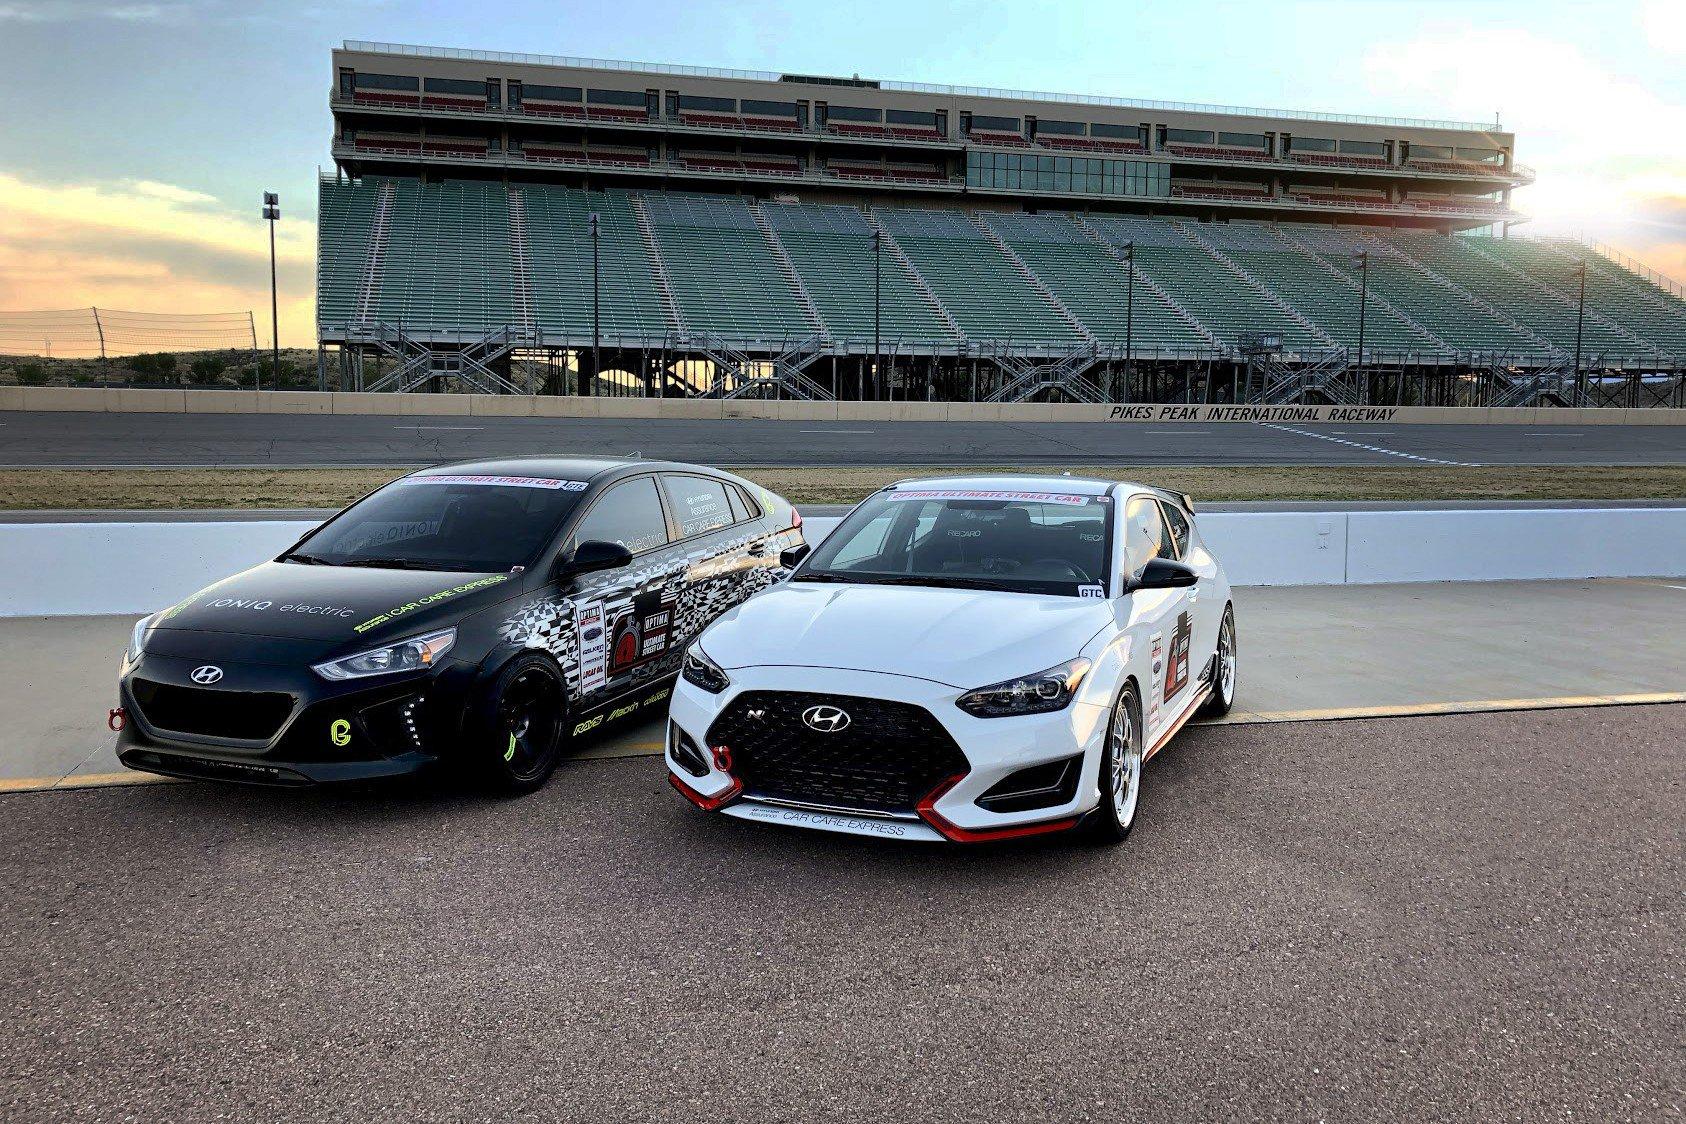 971270f1-hyundai-race-cars-5